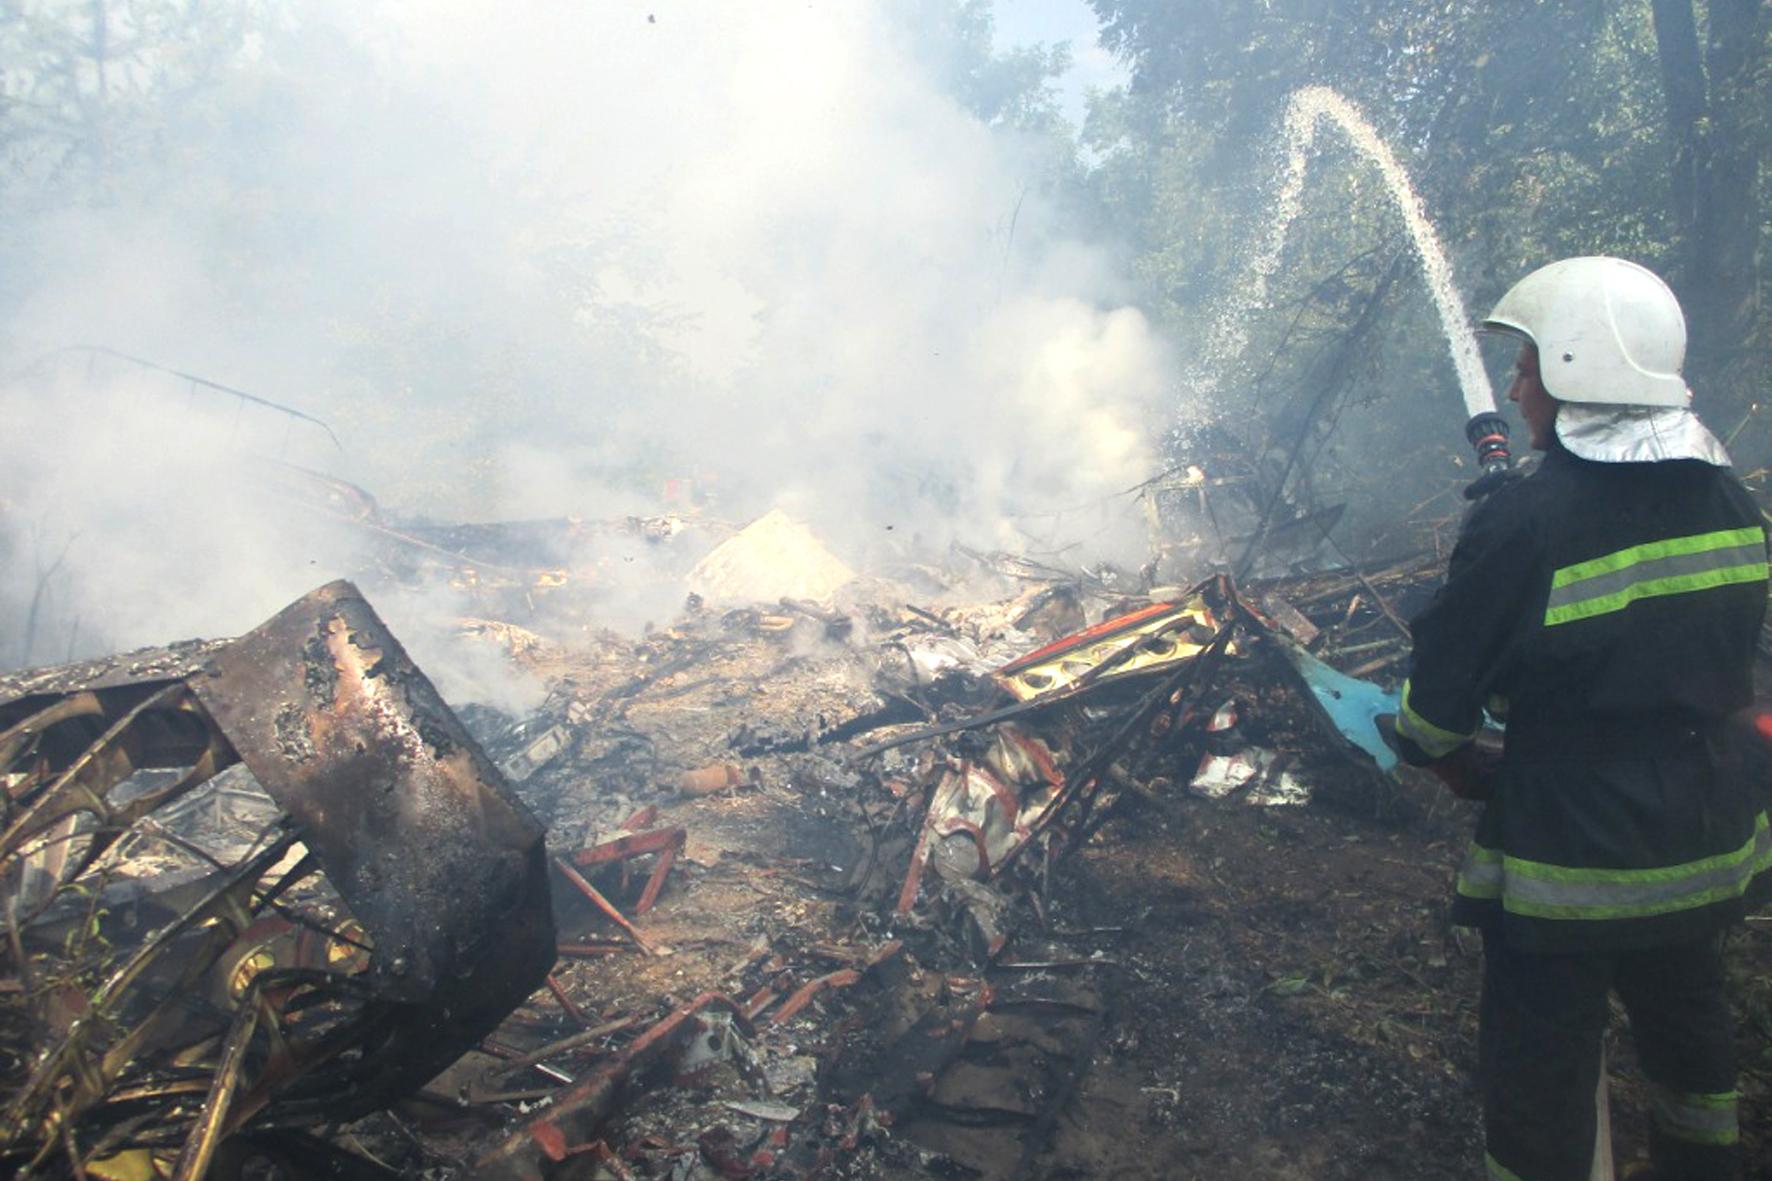 Разбился самолет АН-2, есть пострадавшие. Новости Украины